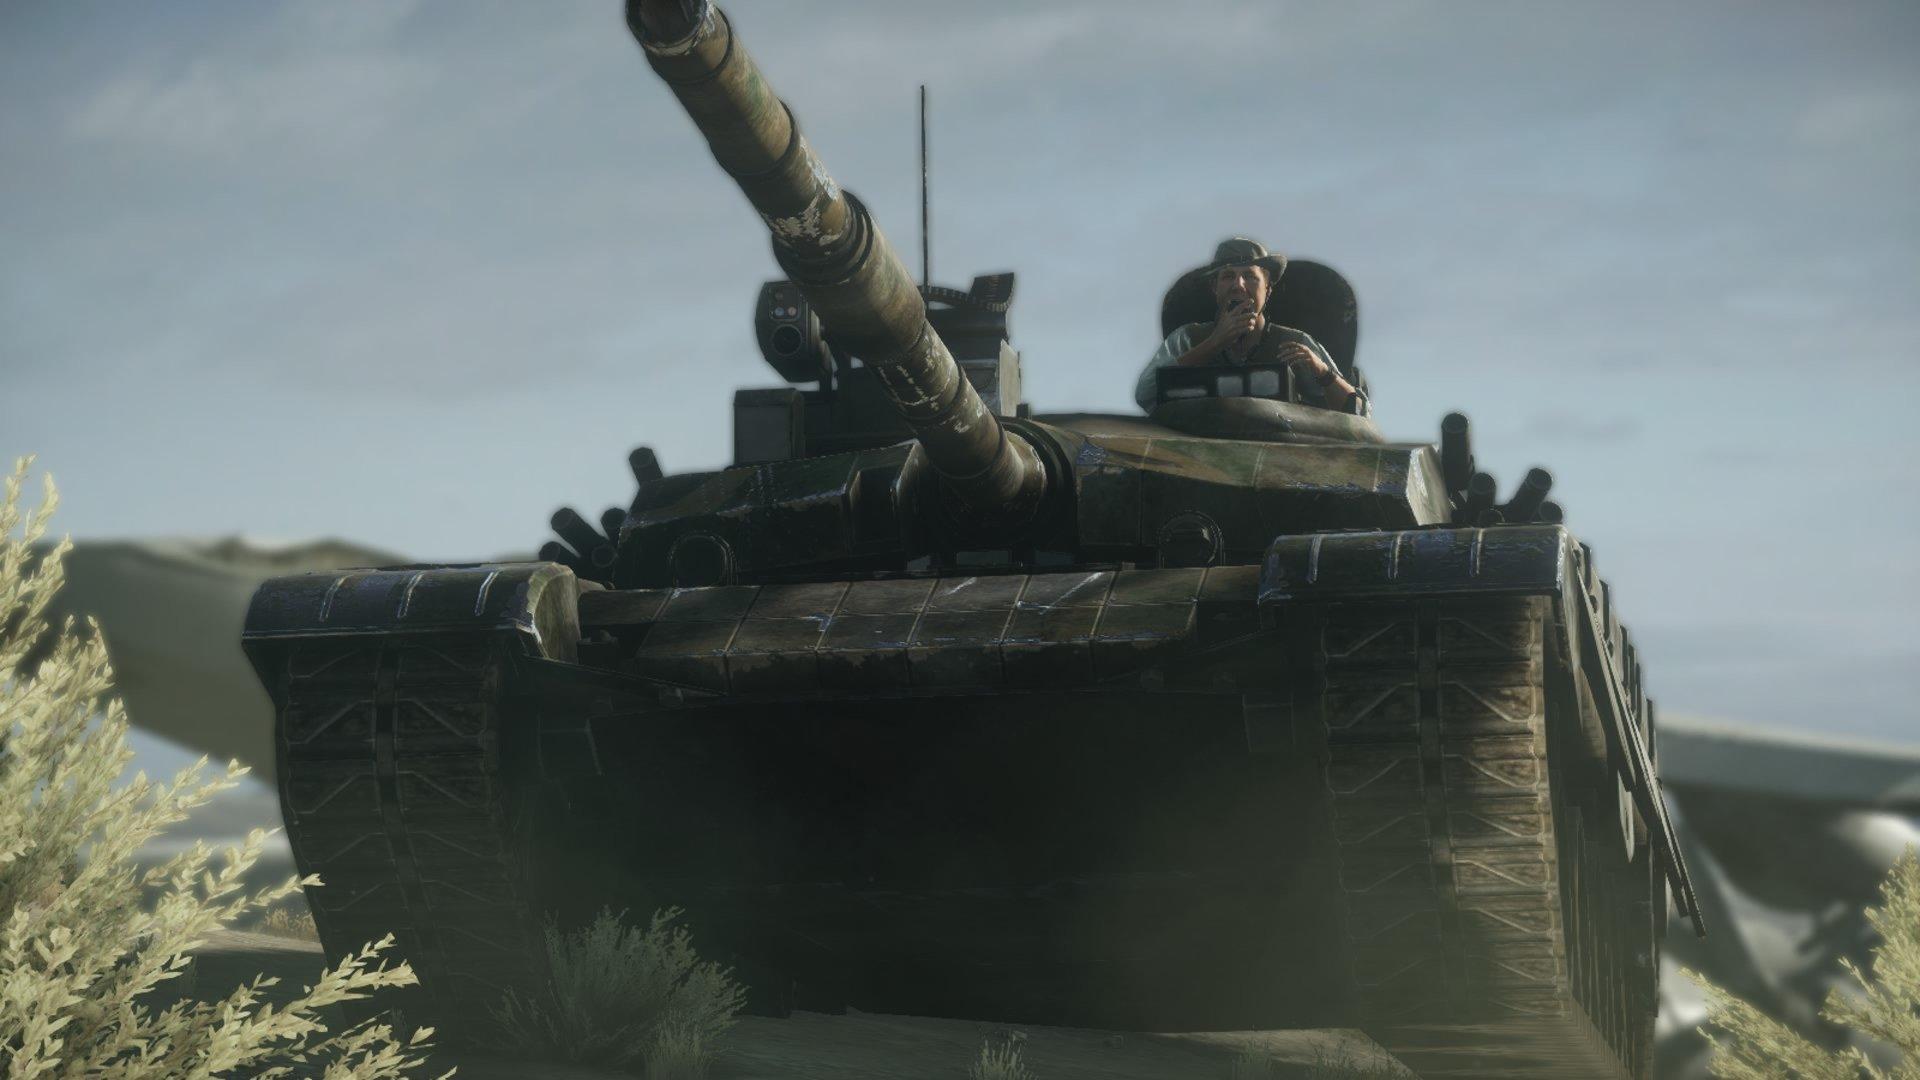 Дегустация Battlefield: Hardline - улицы разбитых фонарей. - Изображение 5